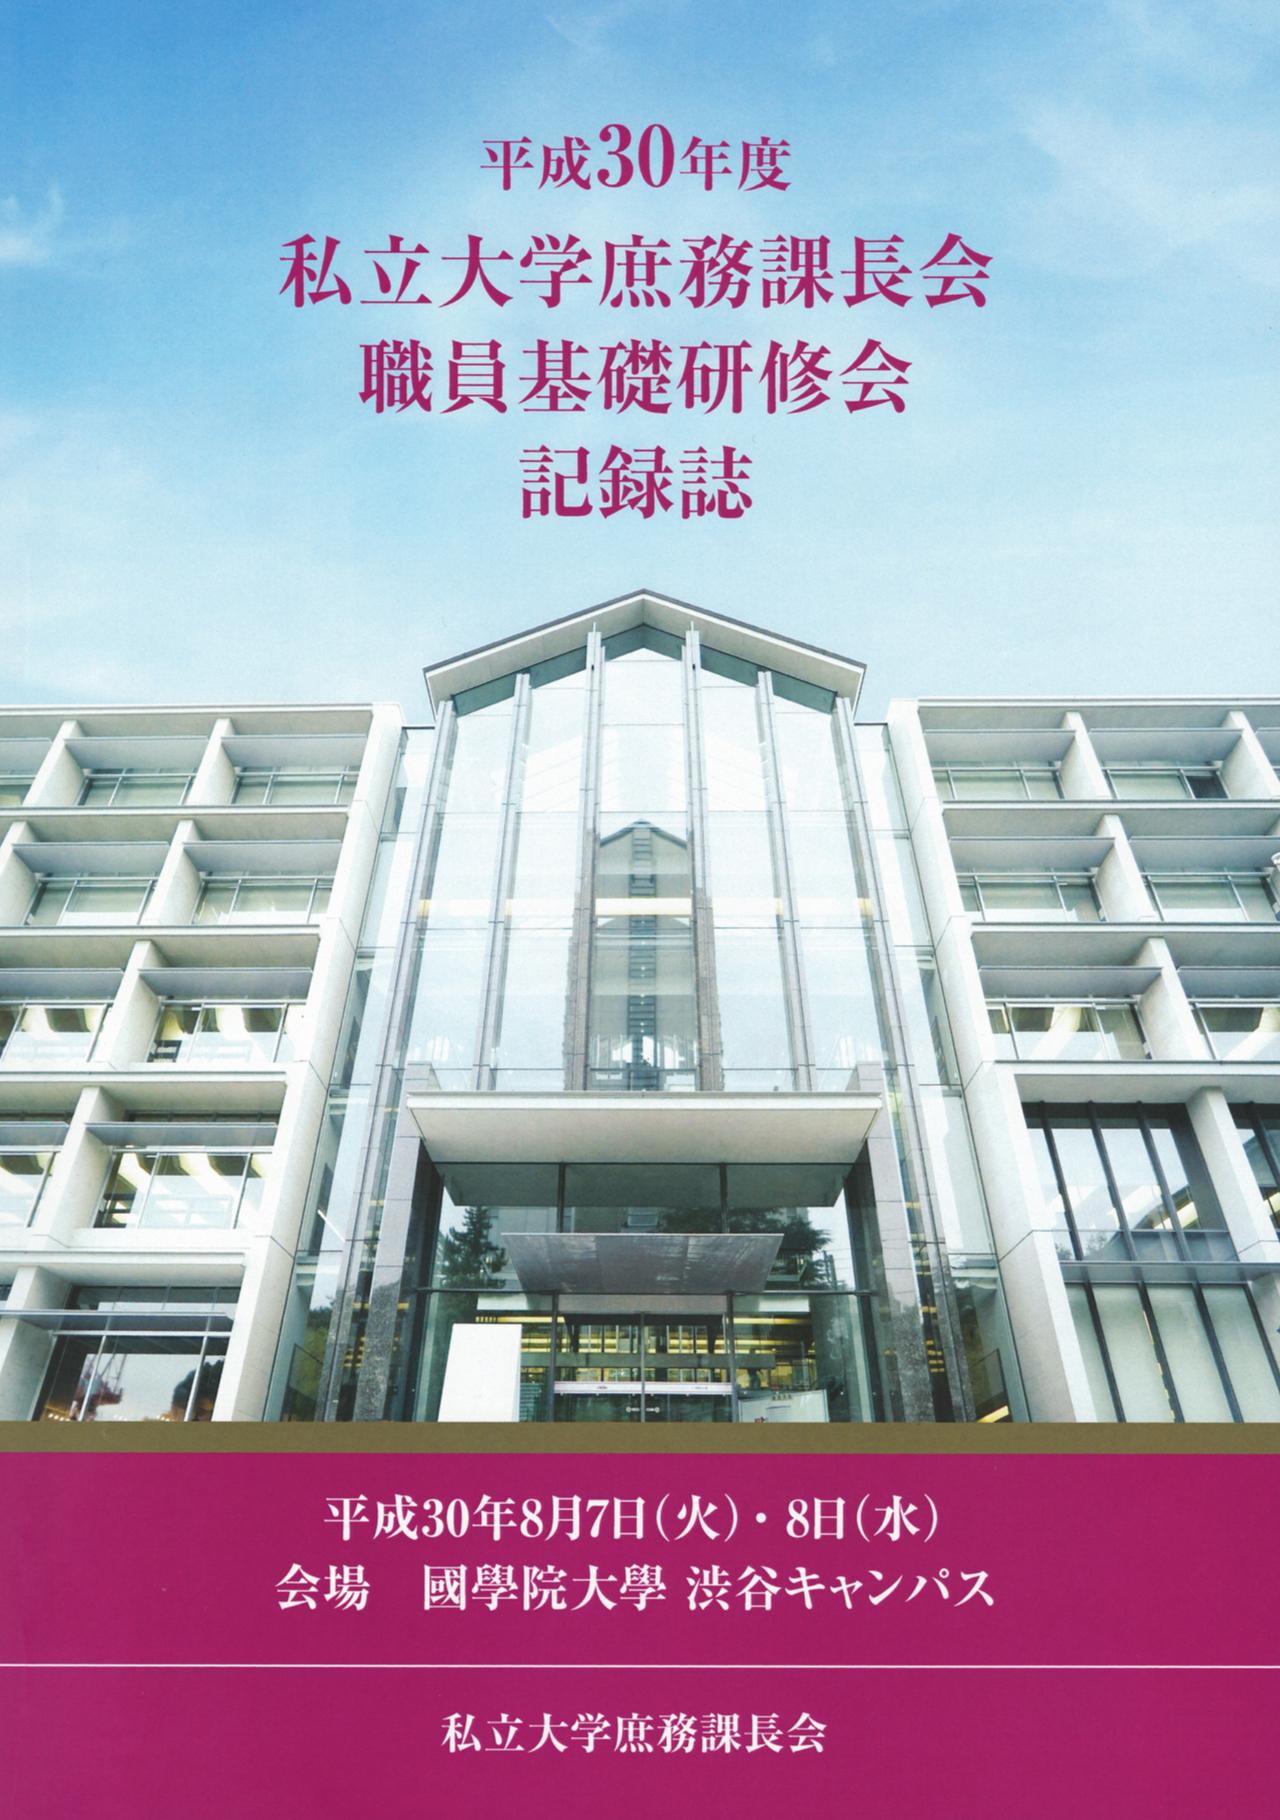 2018年私立大学庶務課長会 職員基礎研修会 記録誌表紙